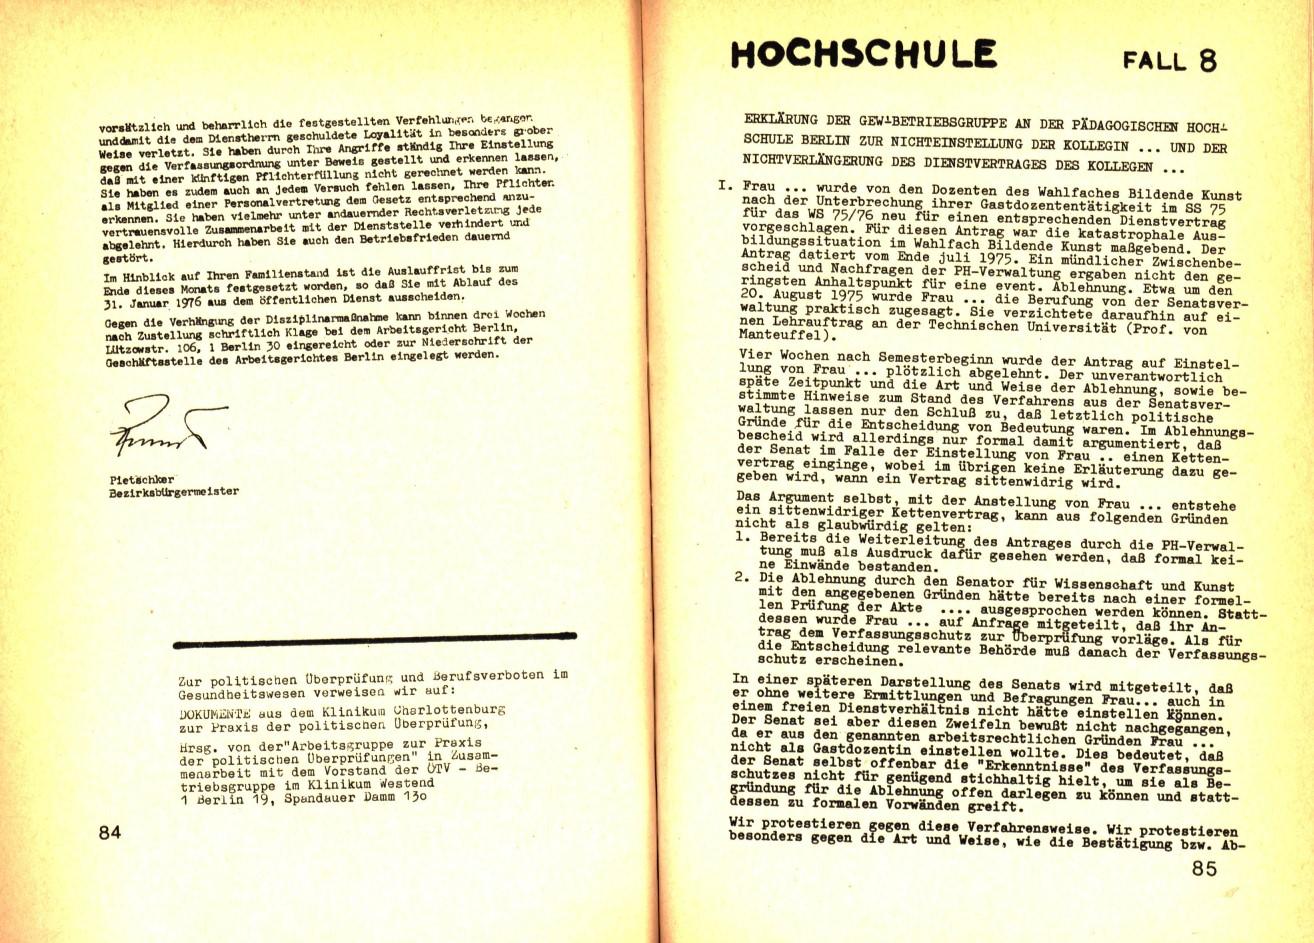 Berlin_VDS_Aktionskomitee_1976_BerufsverboteIII_44